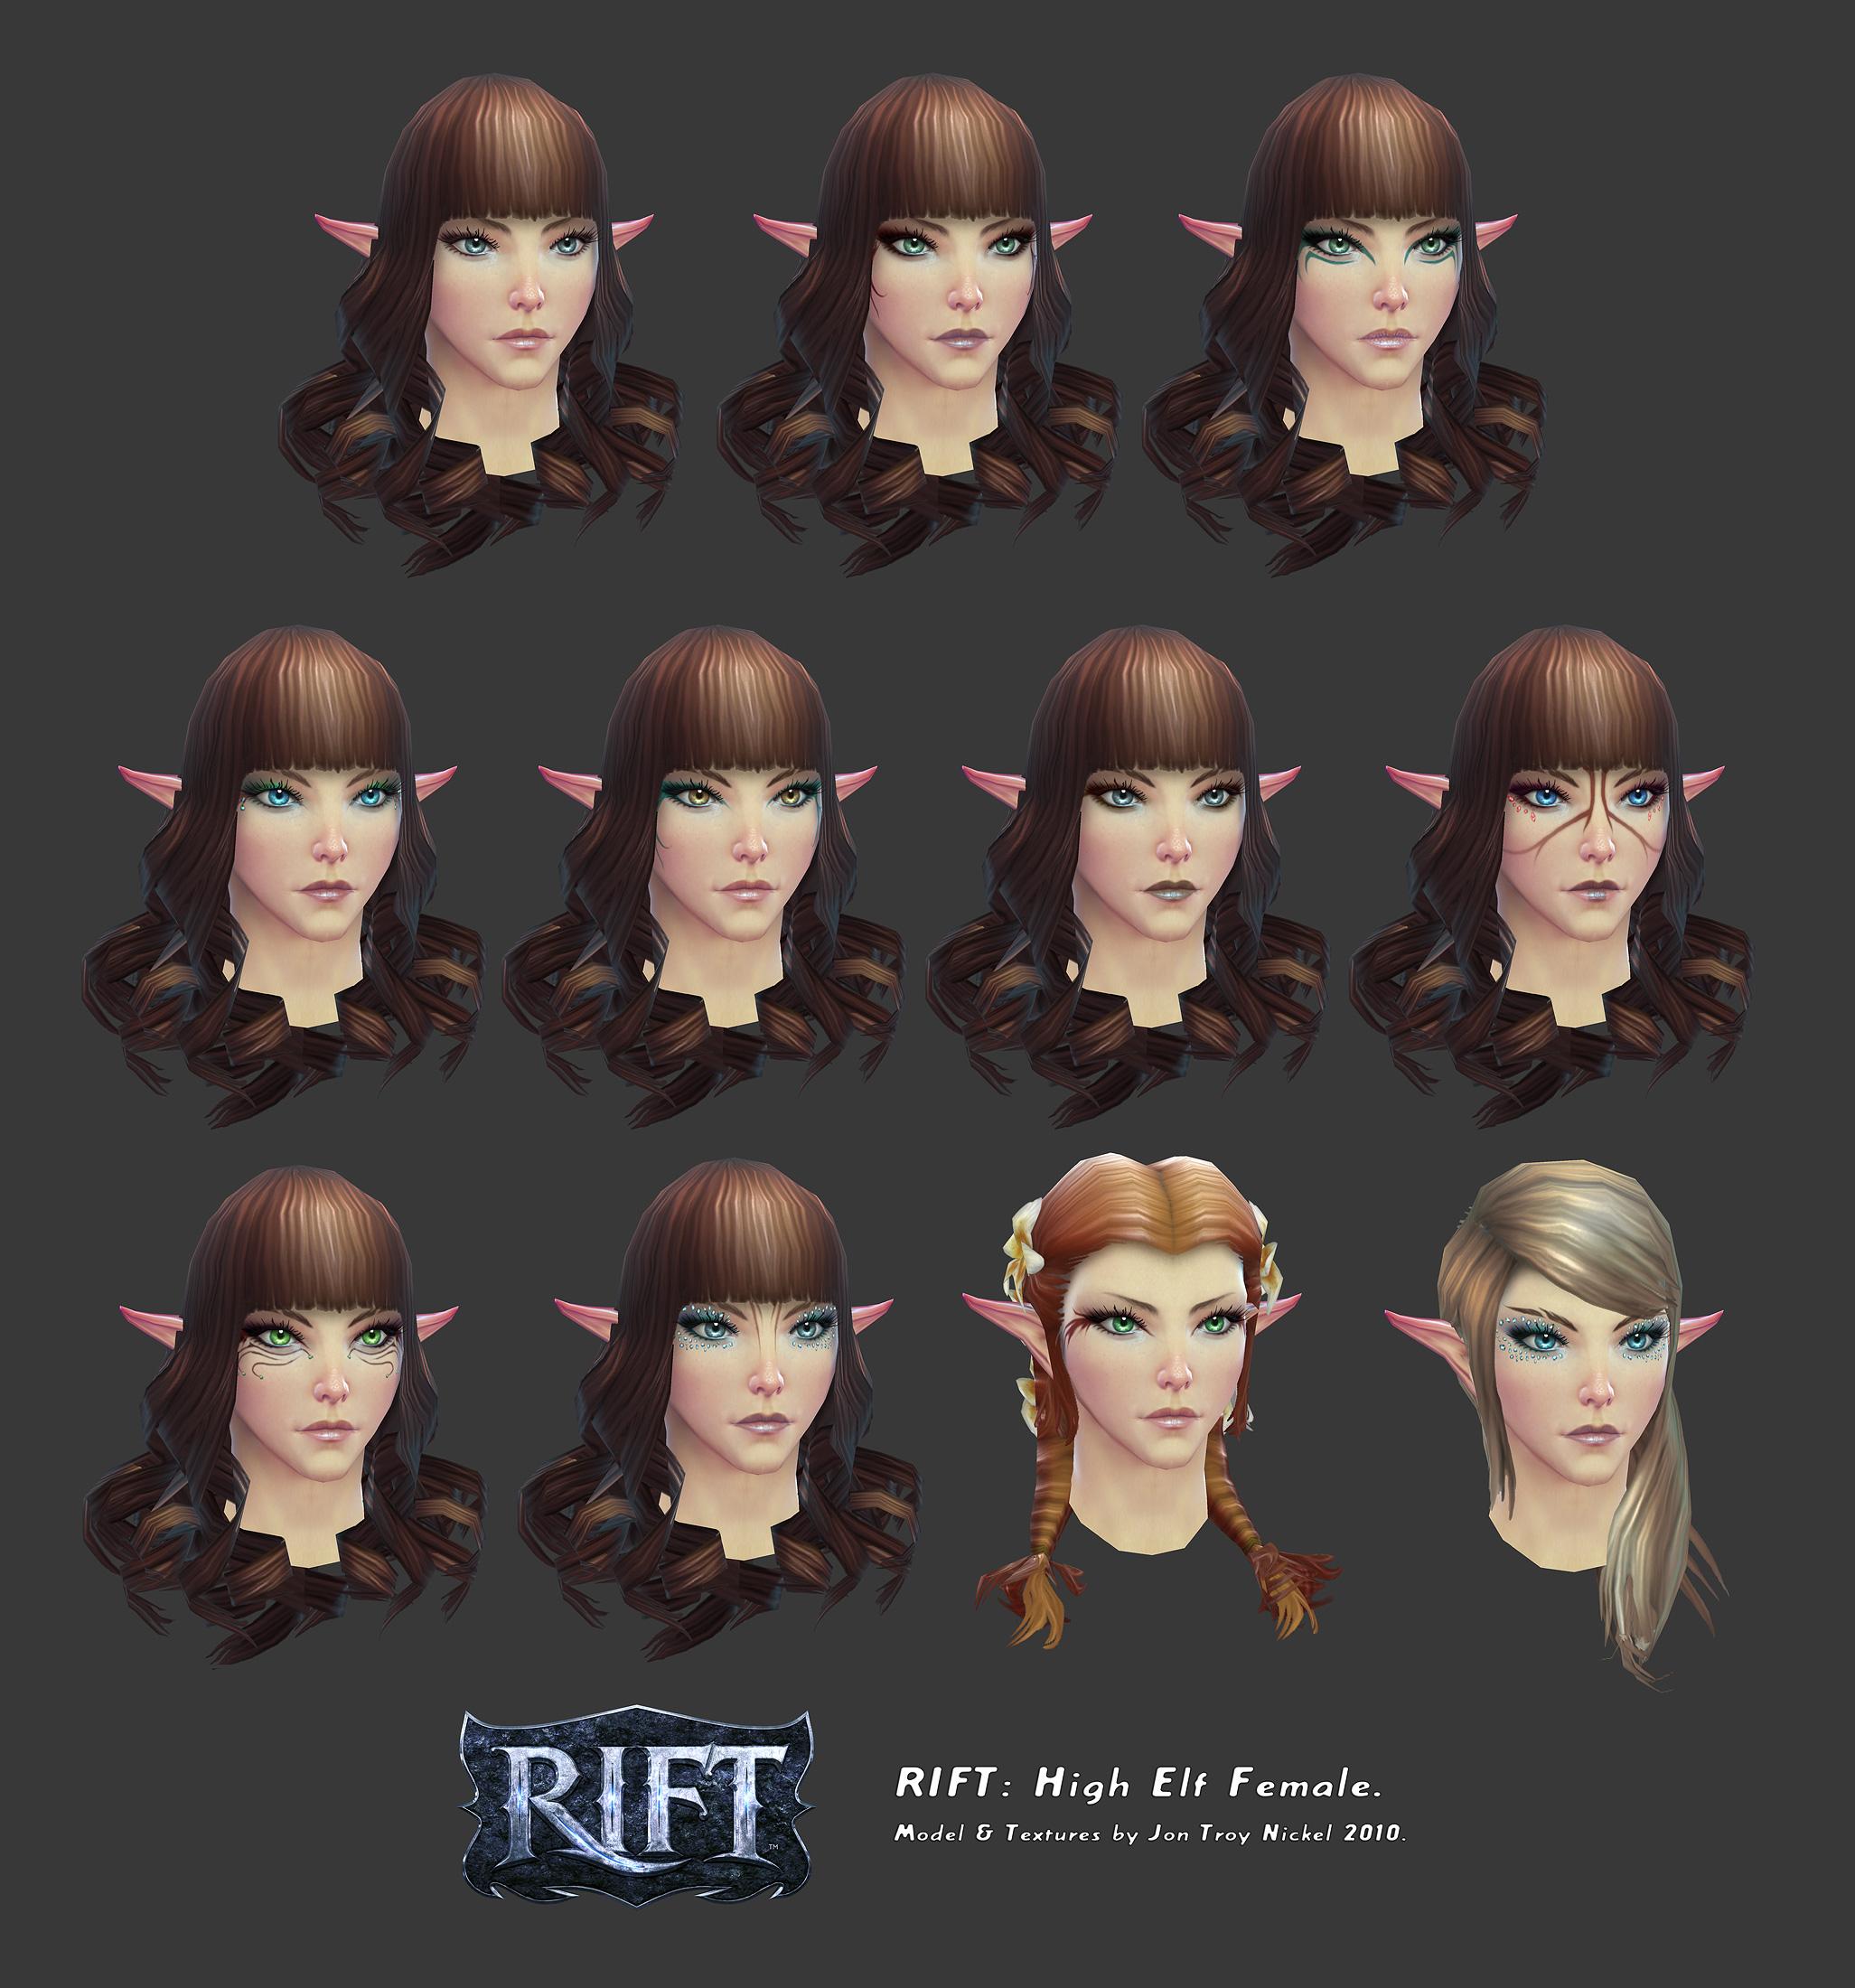 rift__high_elf_female_head_customisation_by_hyperdivine-d4nlhbn.jpg